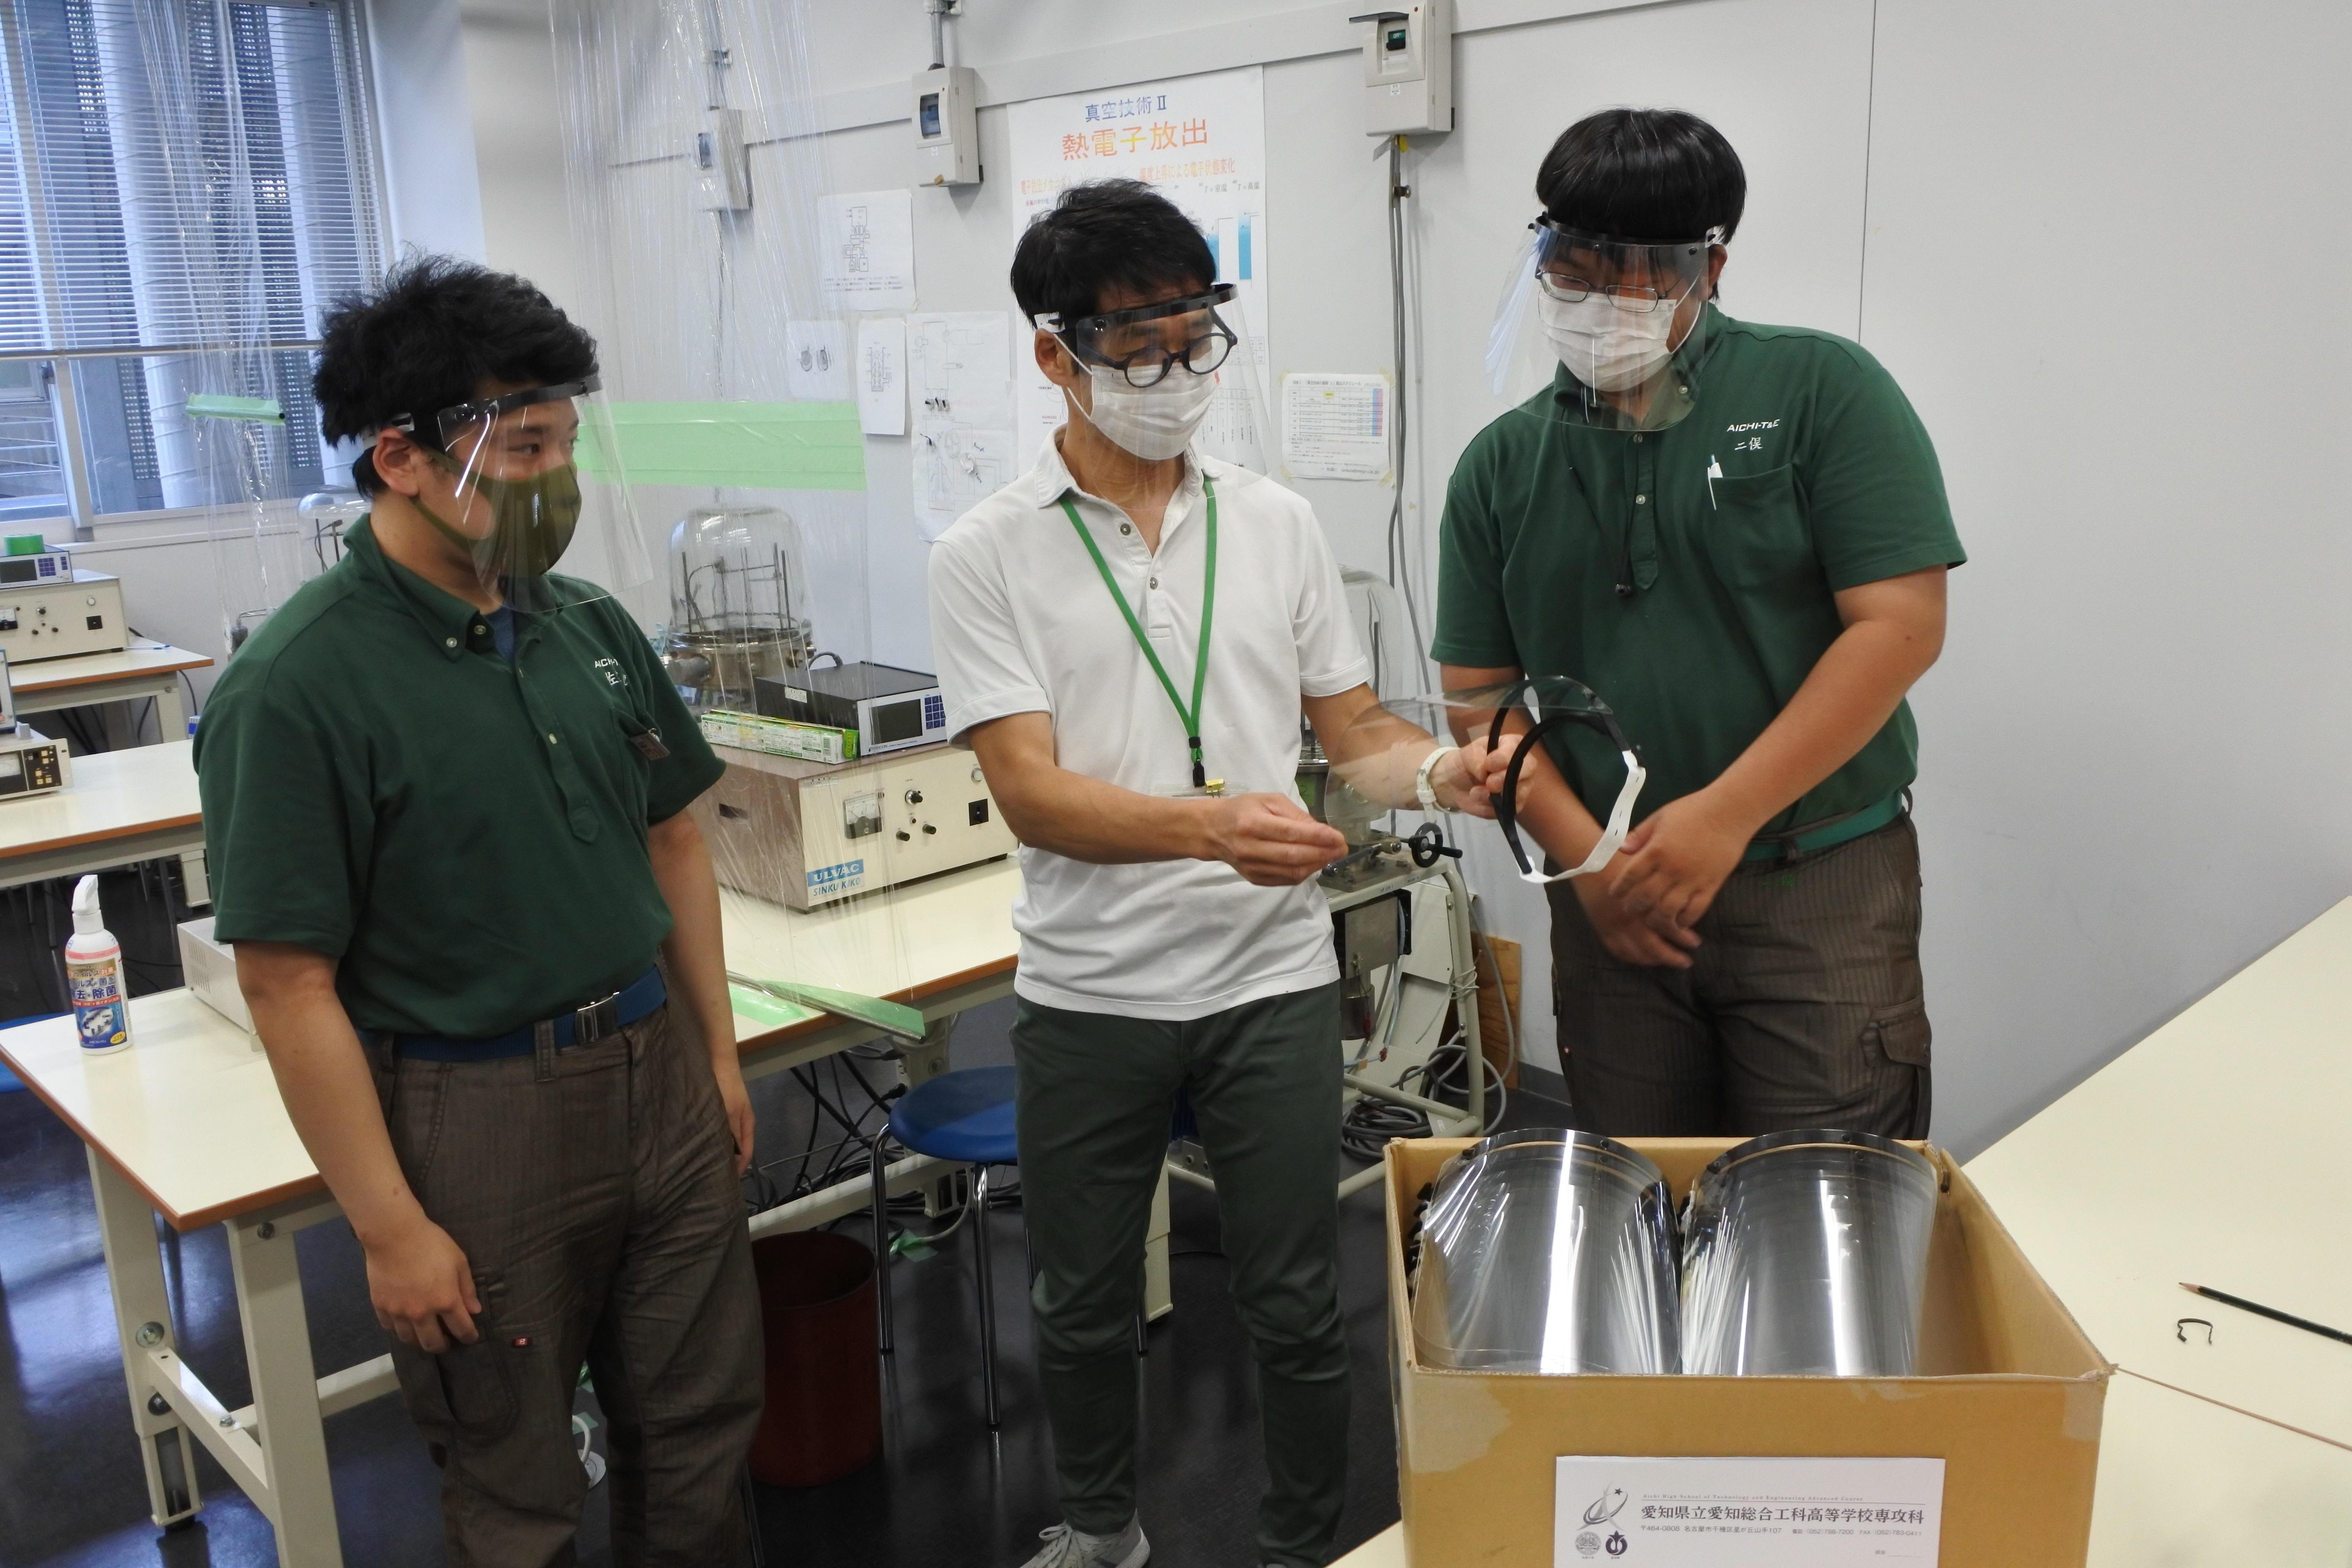 愛知総合工科高校専攻科生から寄贈されたフェイスシールドの出来栄えを確かめる六田教授(中央)